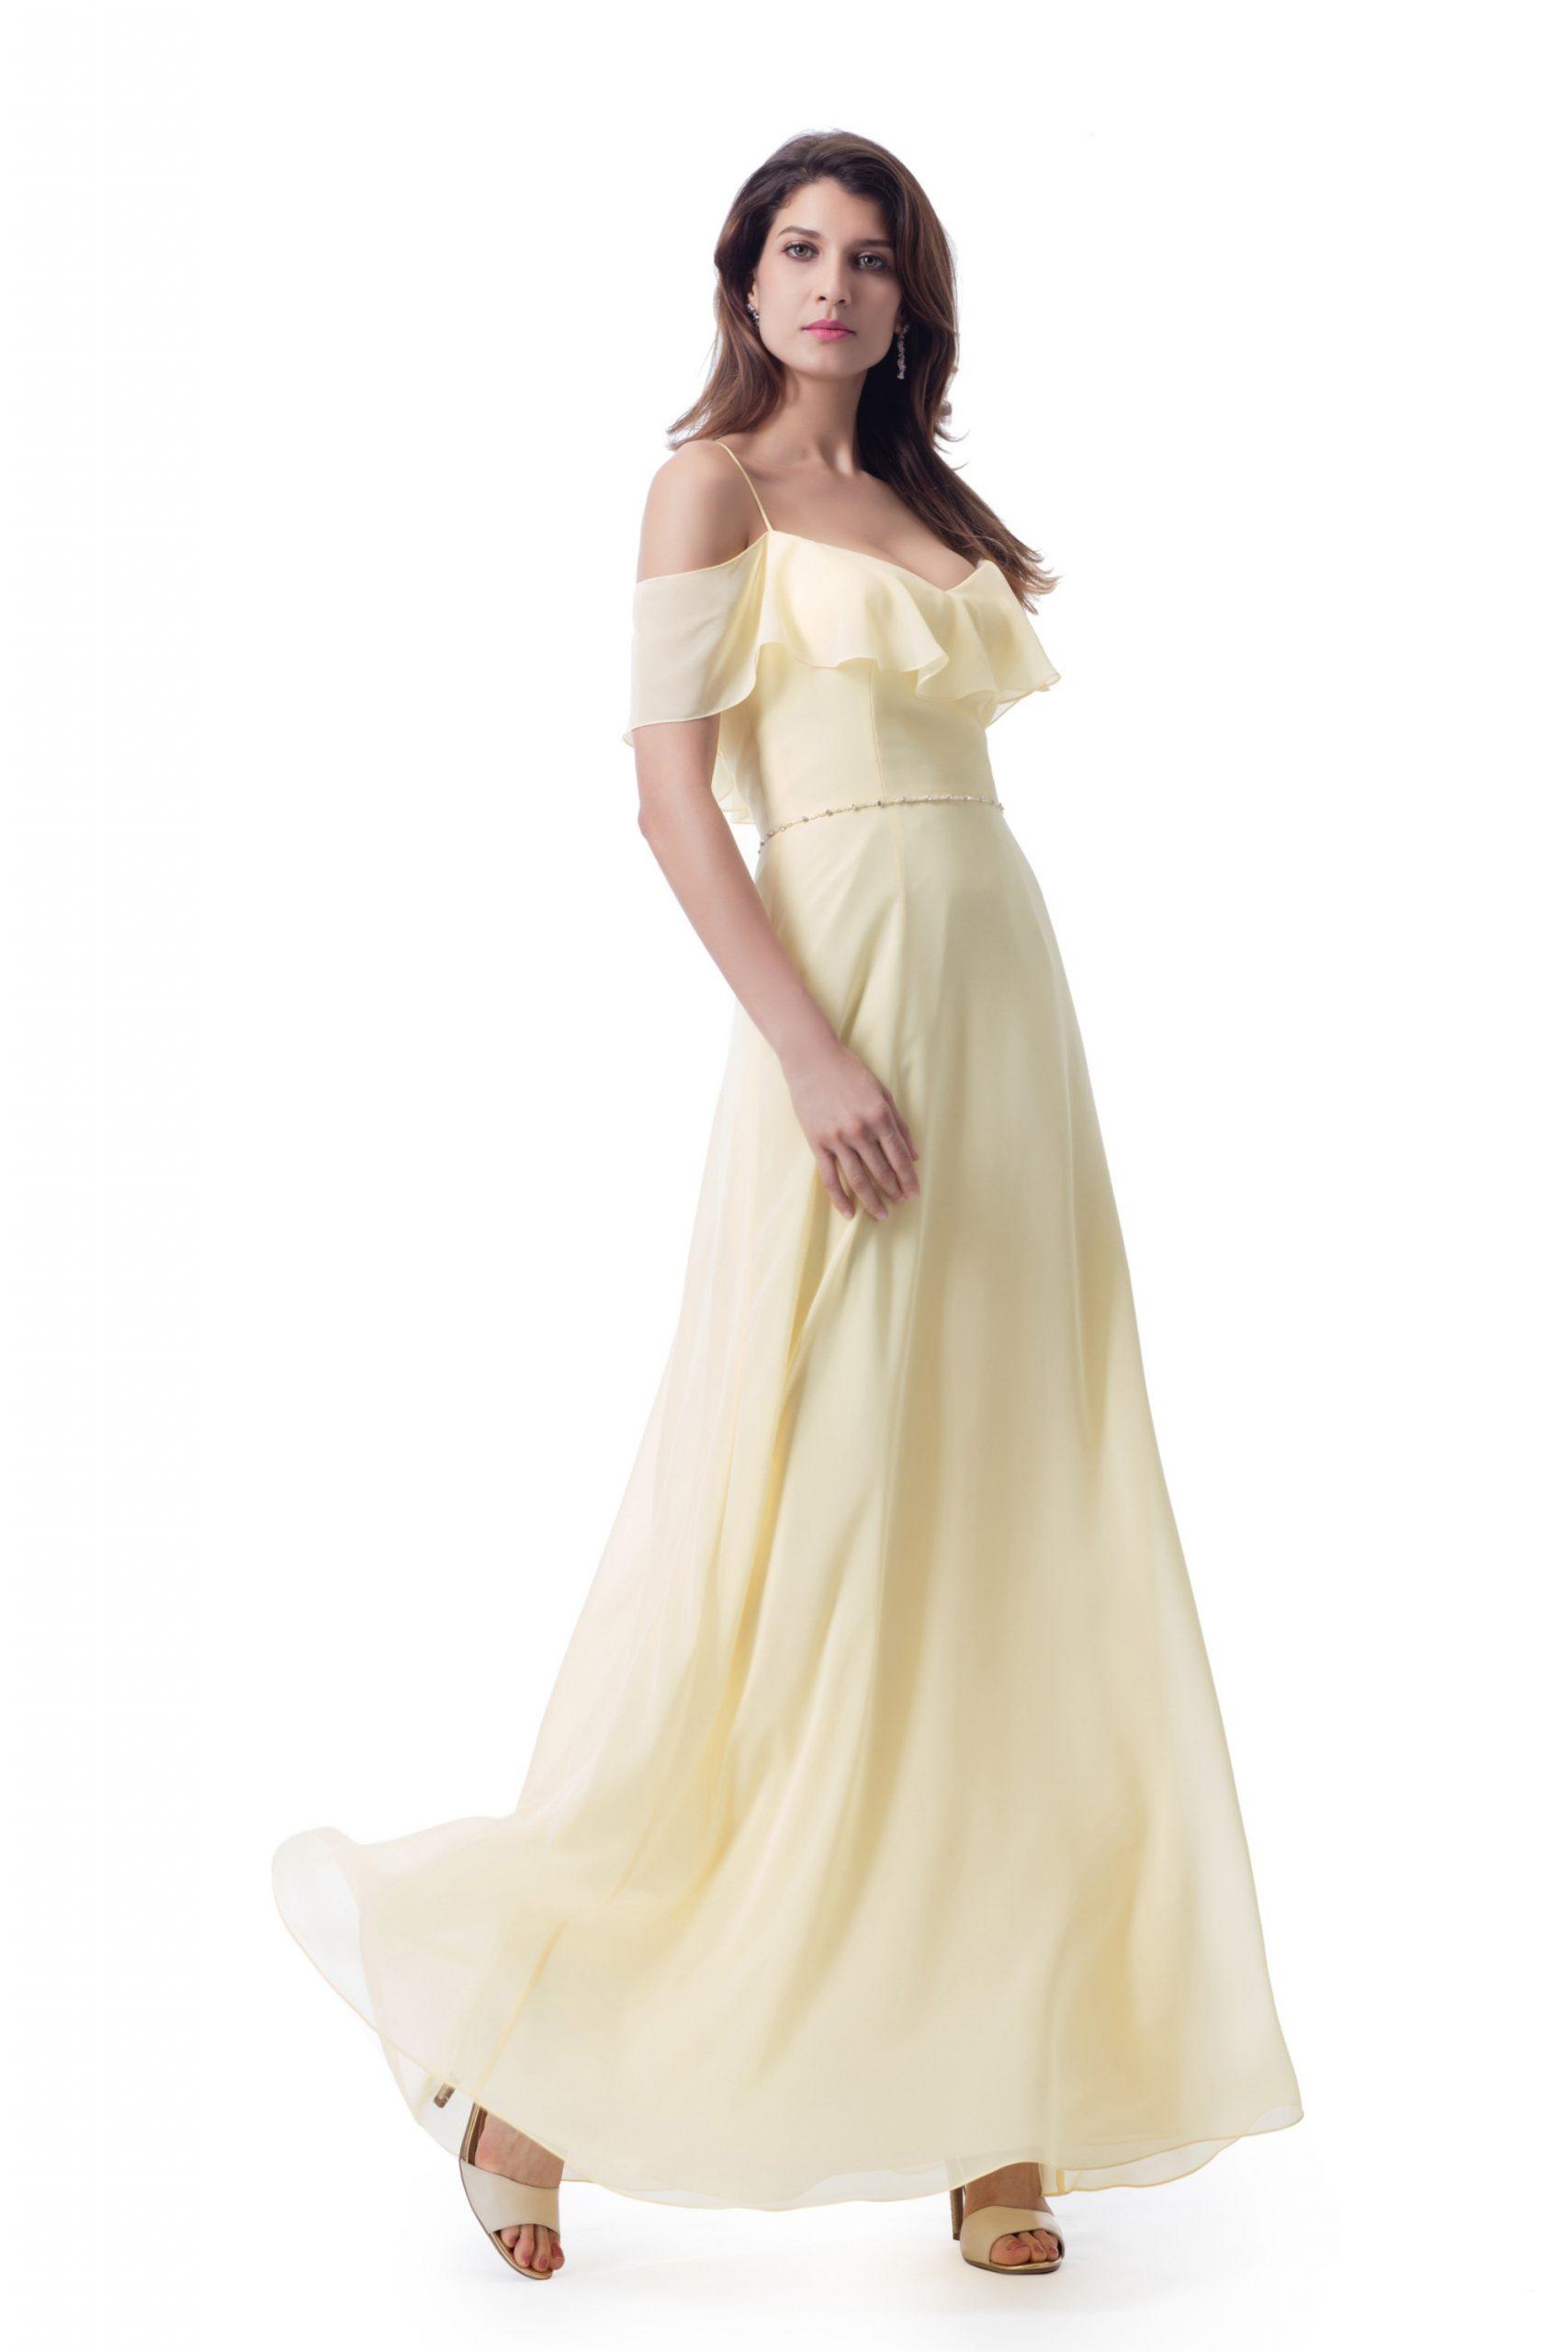 Abend Coolste Abendkleid Gelb Boutique10 Schön Abendkleid Gelb Design